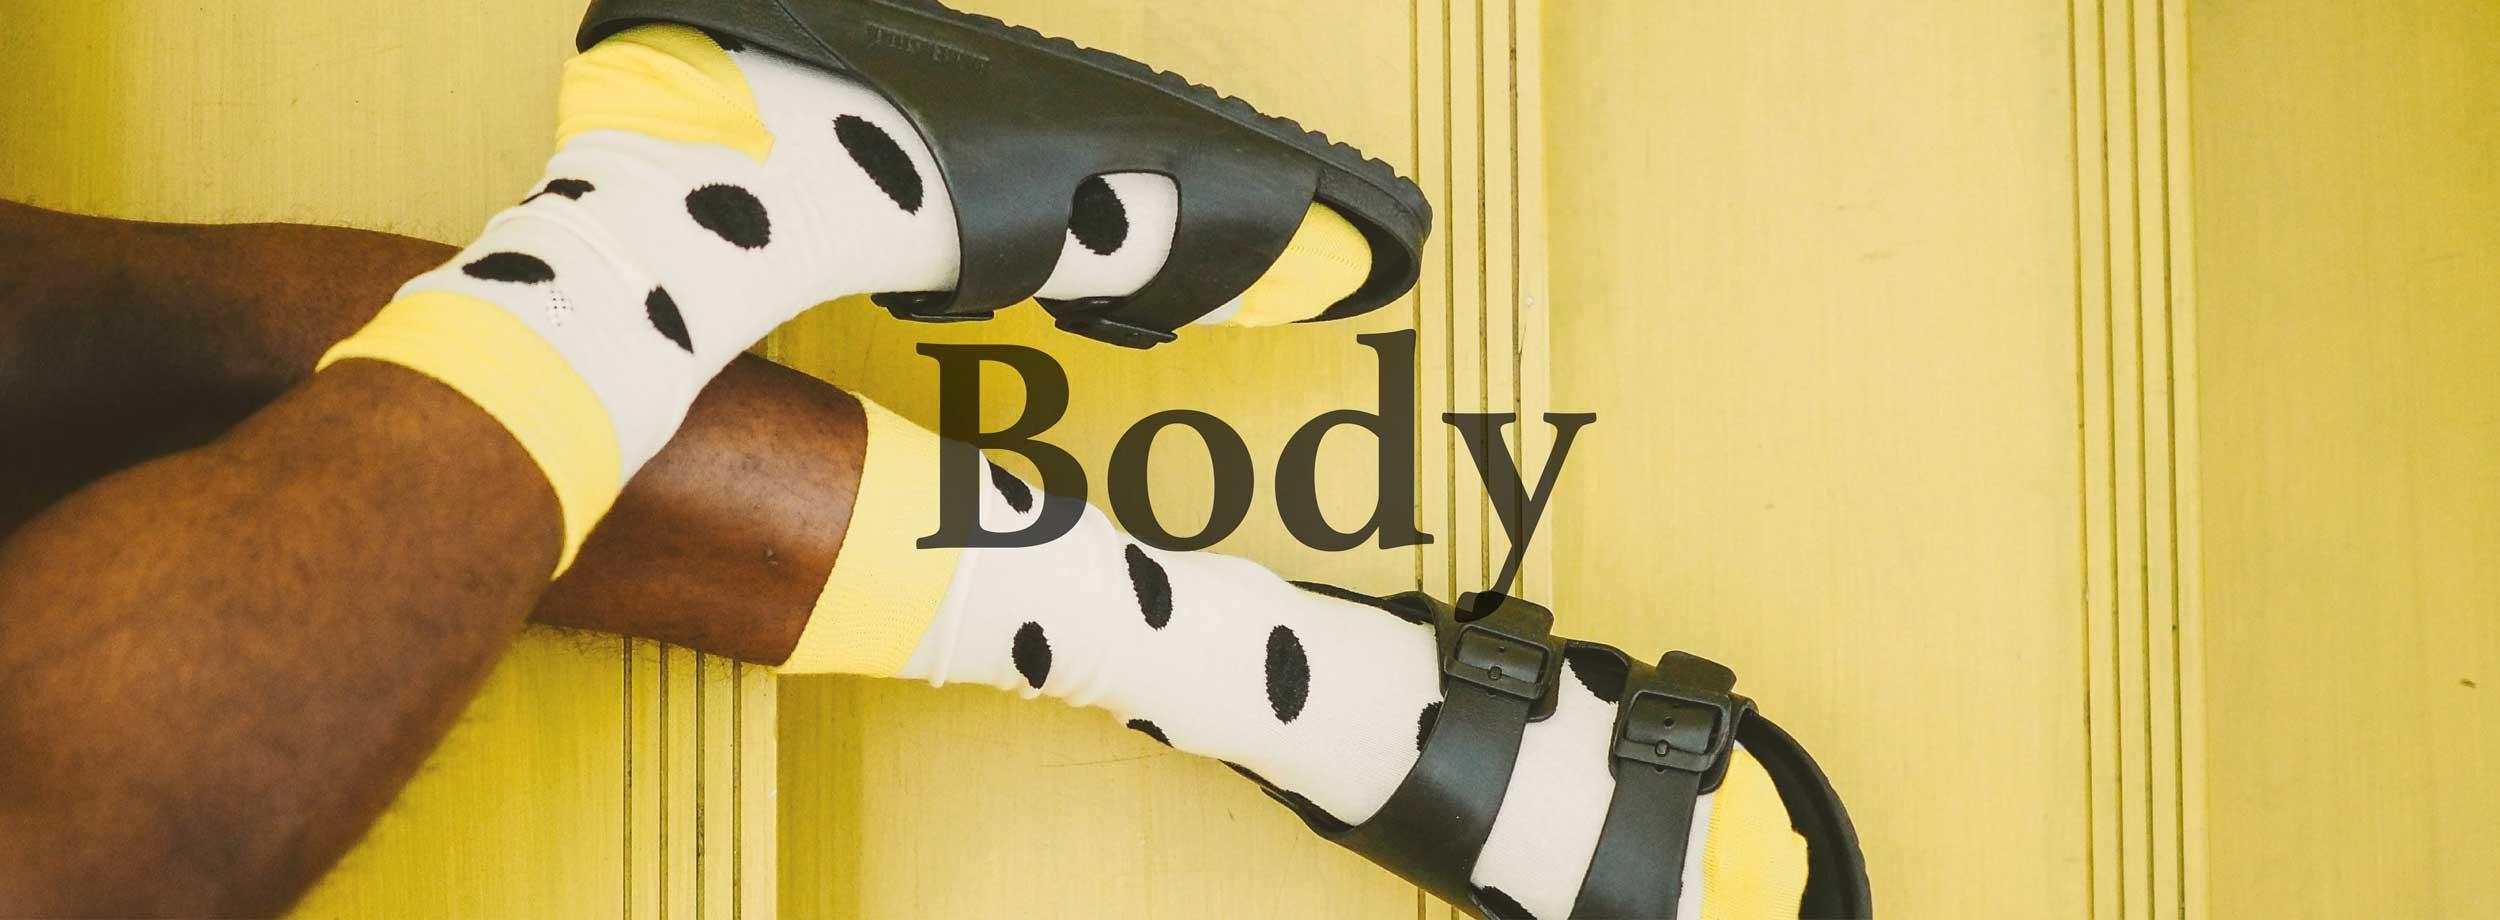 BODY_MAIN-BANNER-ALCEDONIA.jpg